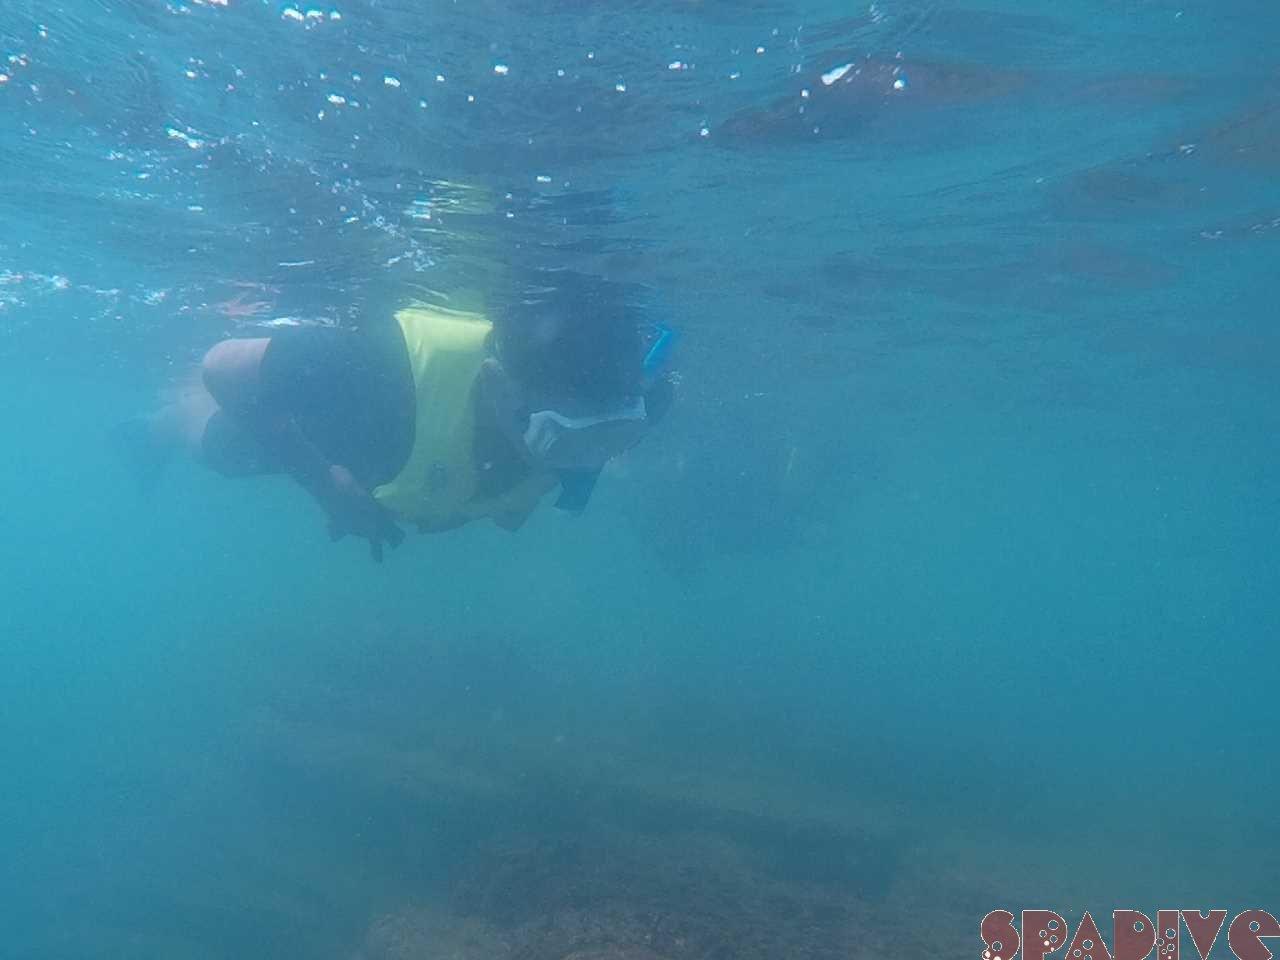 白浜権現崎9月の水中画像1